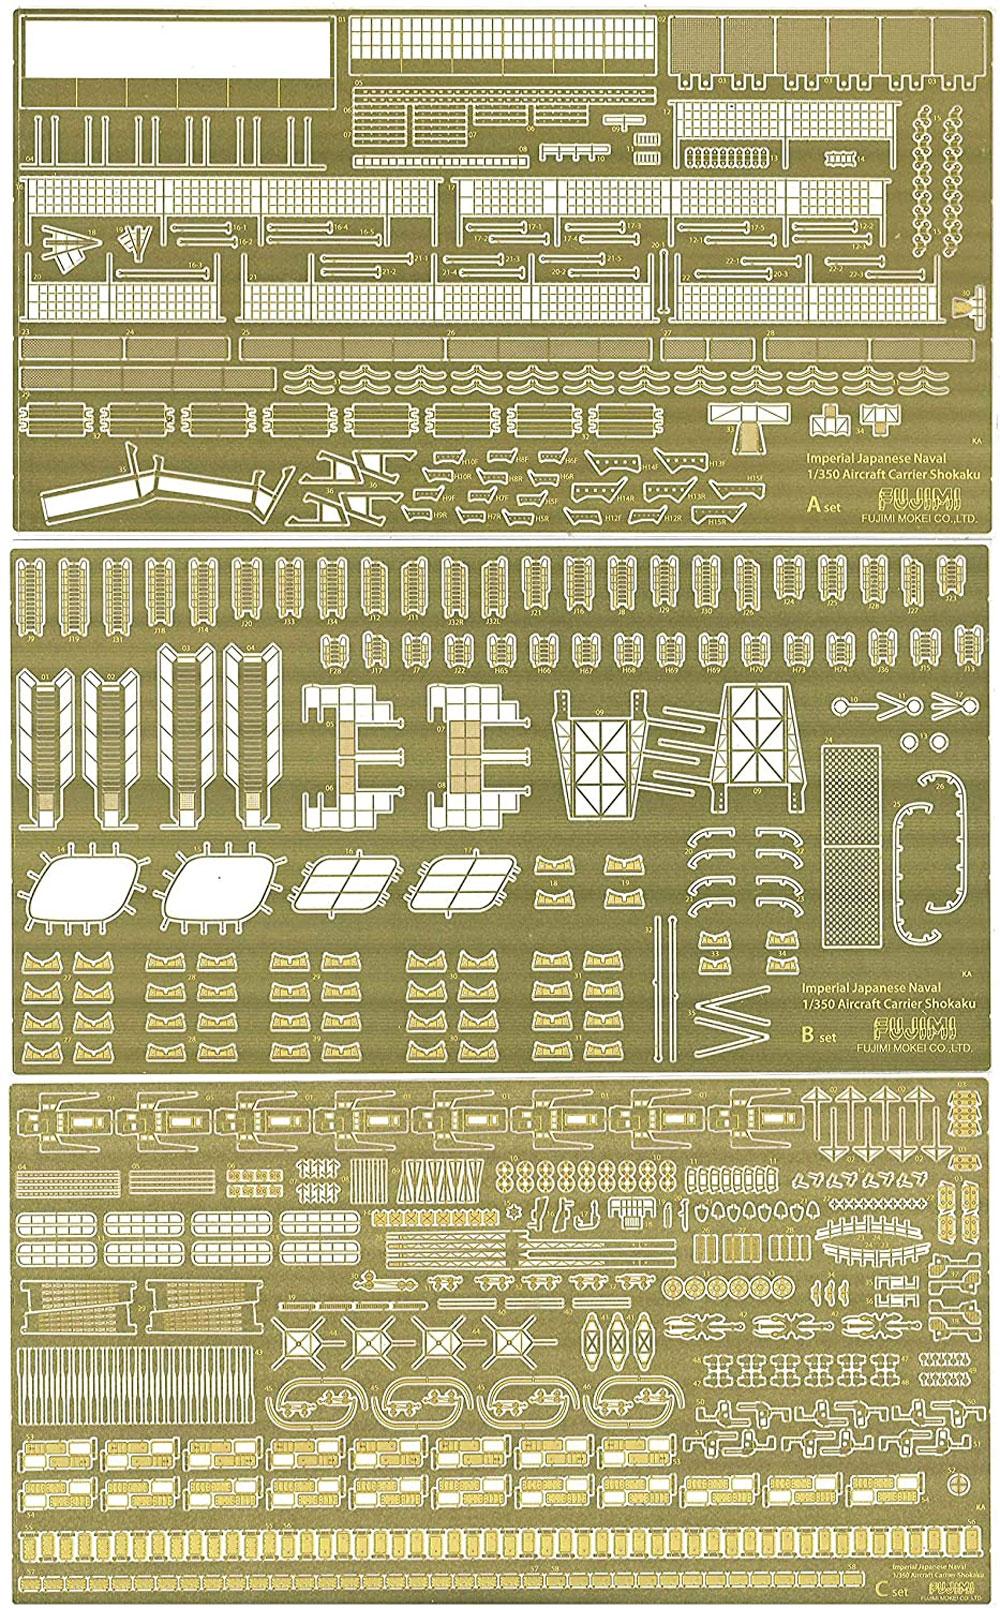 日本海軍 航空母艦 翔鶴 エッチングパーツセットエッチング(フジミ1/350 艦船モデル用 グレードアップパーツNo.004EX-101)商品画像_2